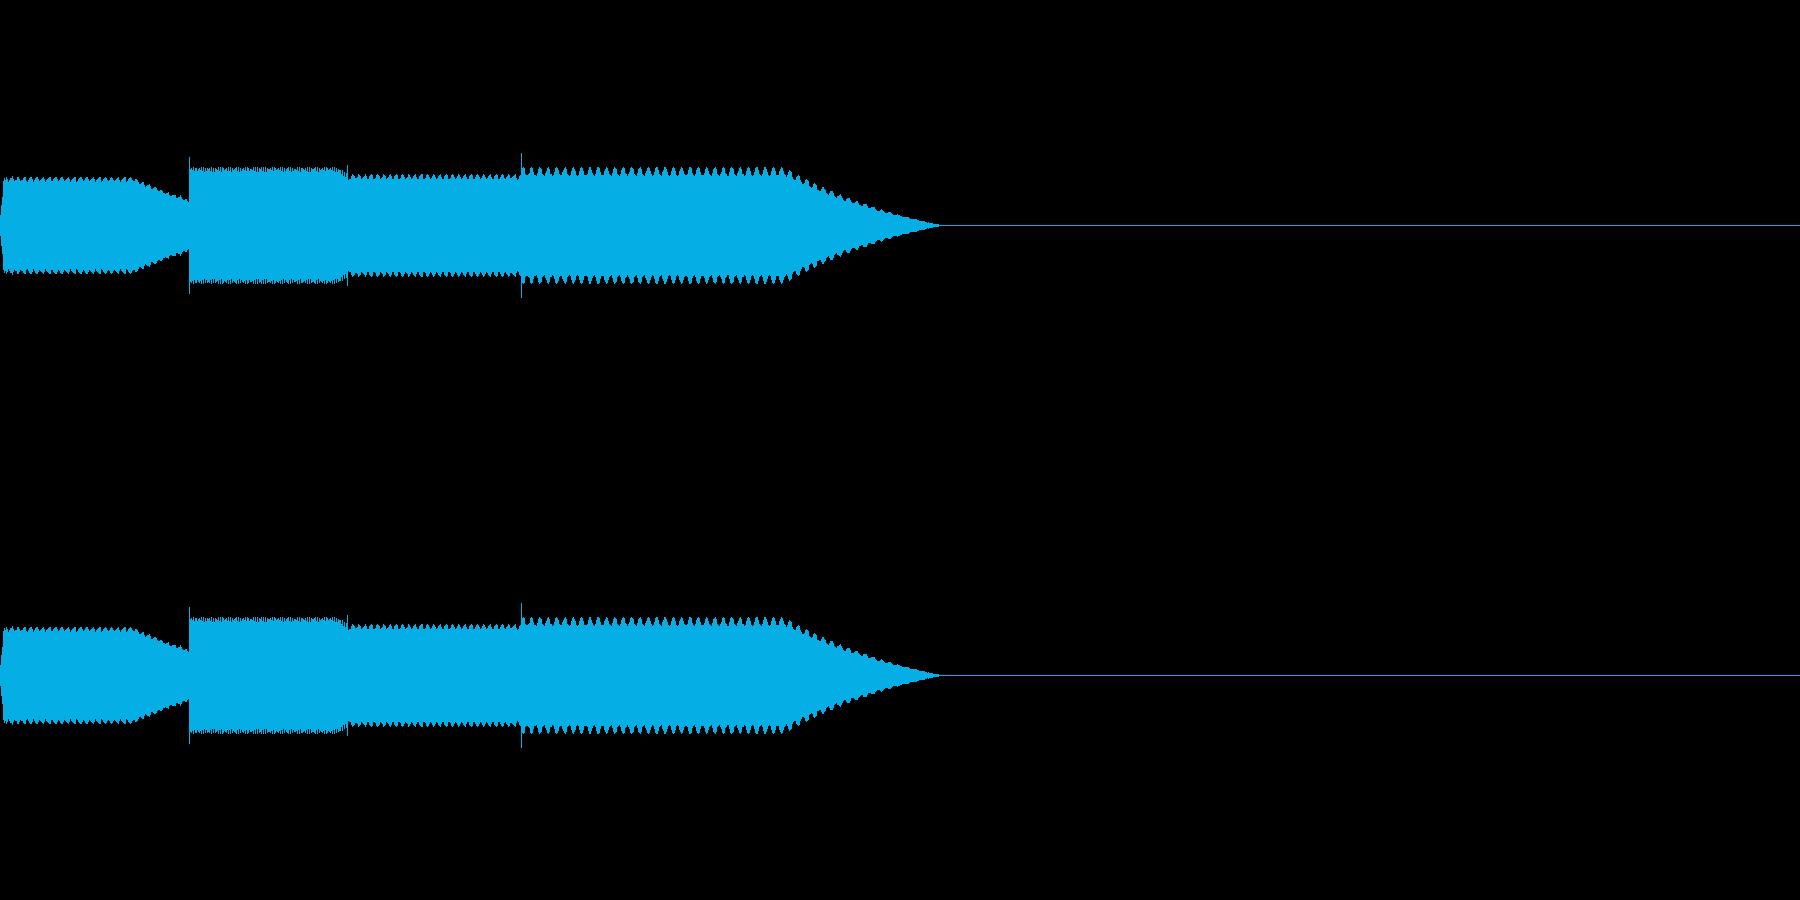 【SE 効果音】効果音その11の再生済みの波形